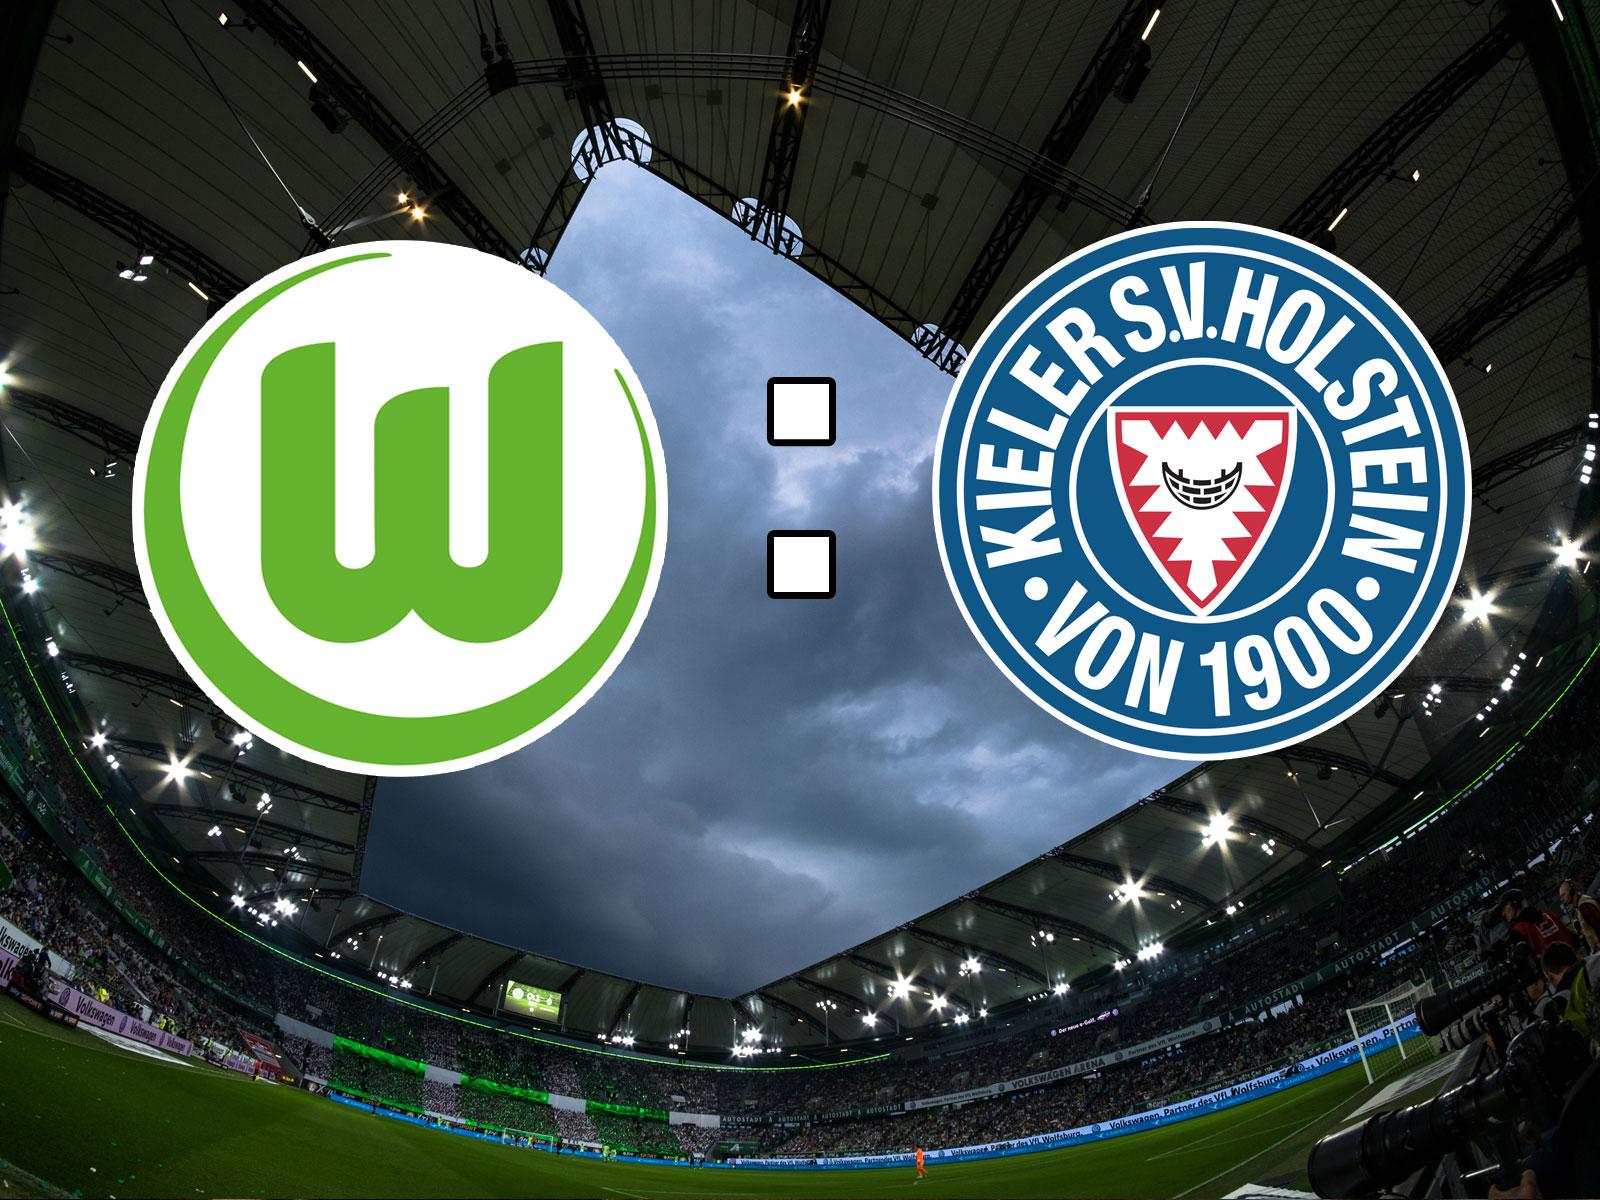 Holstein Kiel darf bei Aufstieg in eigenem Stadion spielen